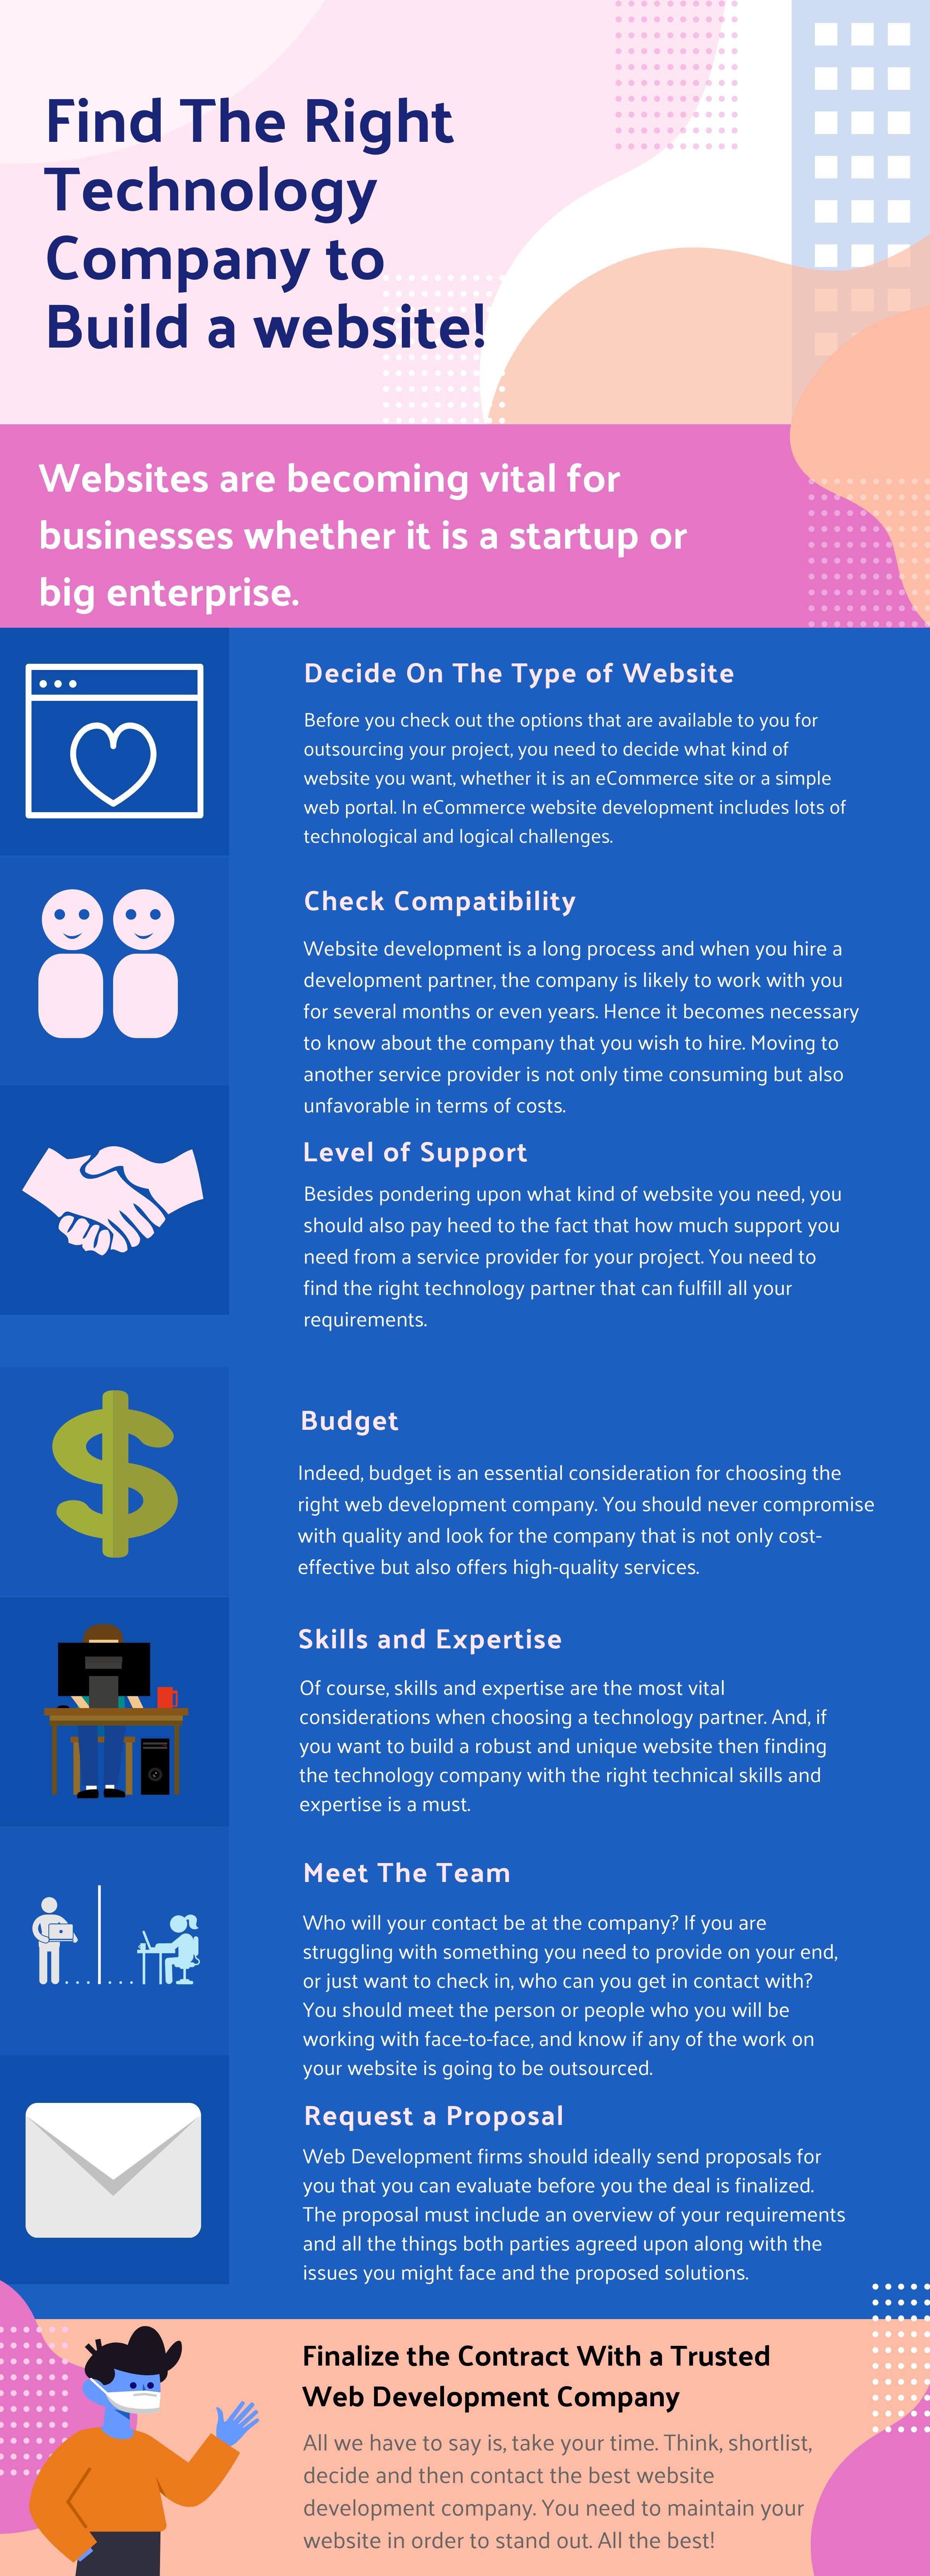 Find The Right Web Development Company